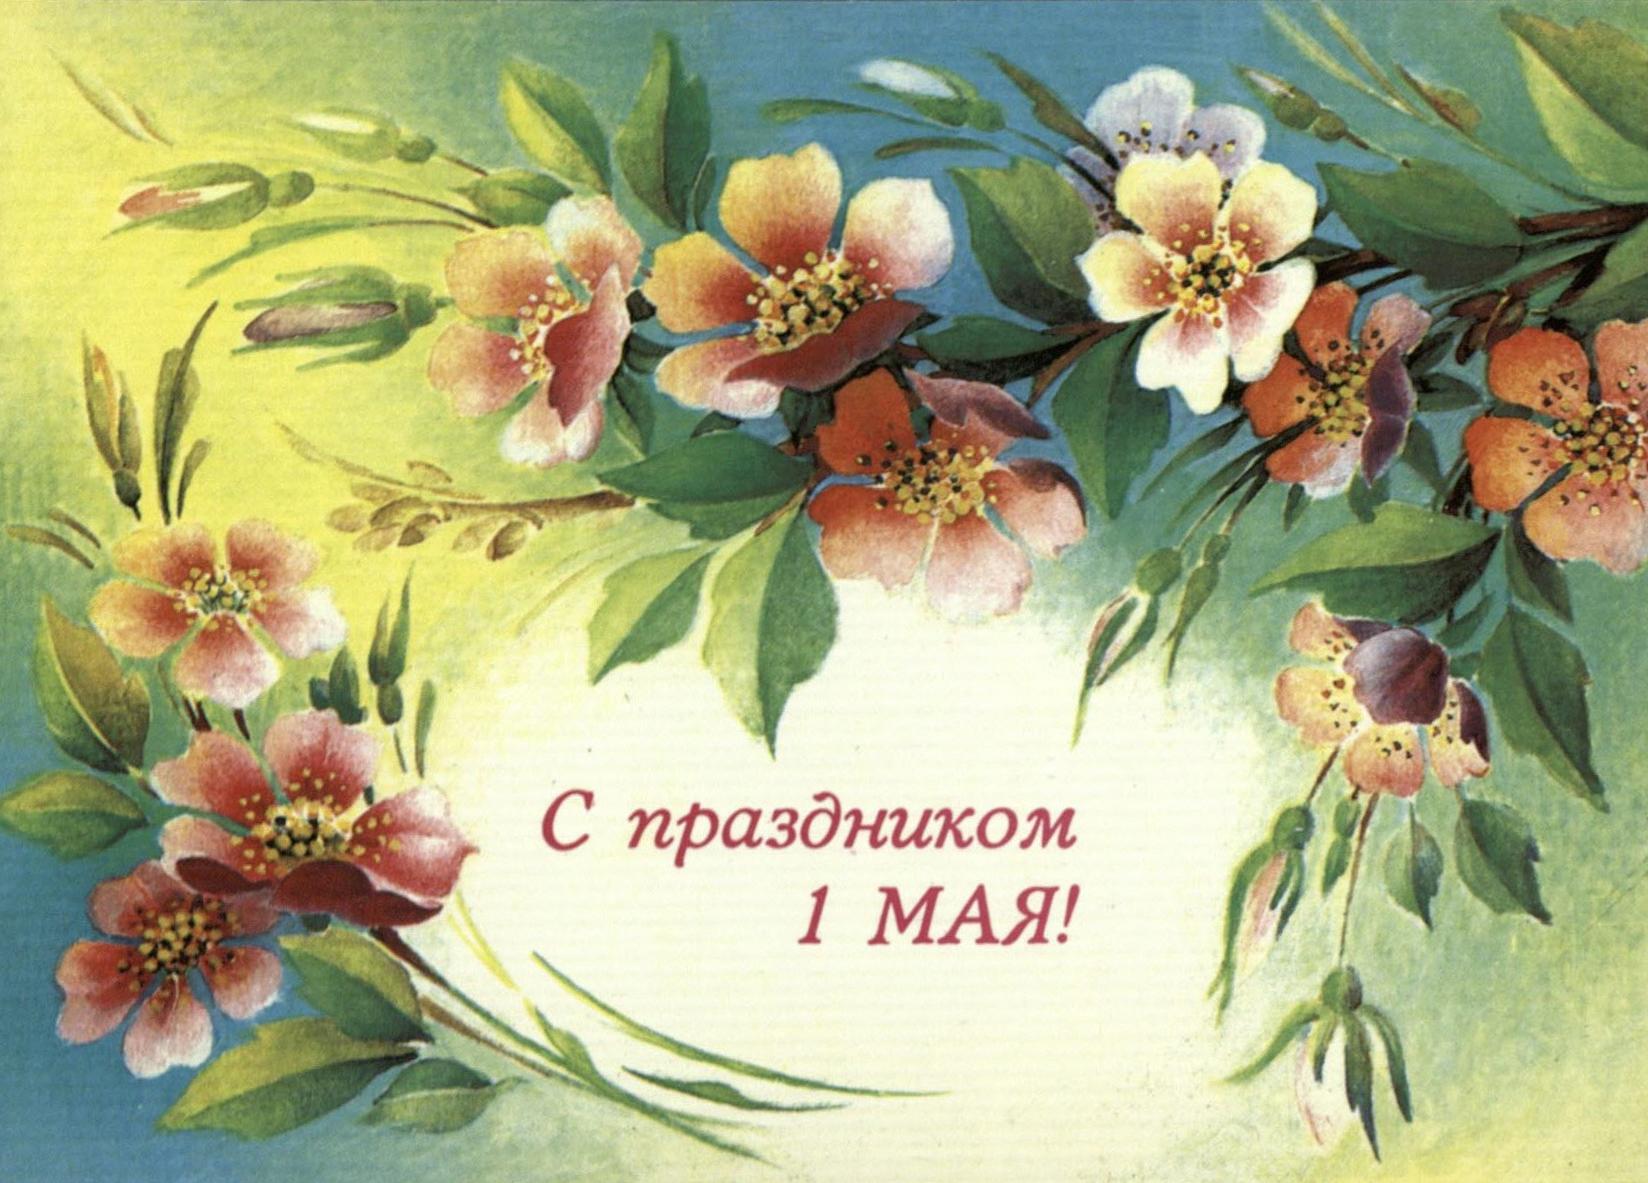 Поздравления прикольные с майскими праздниками